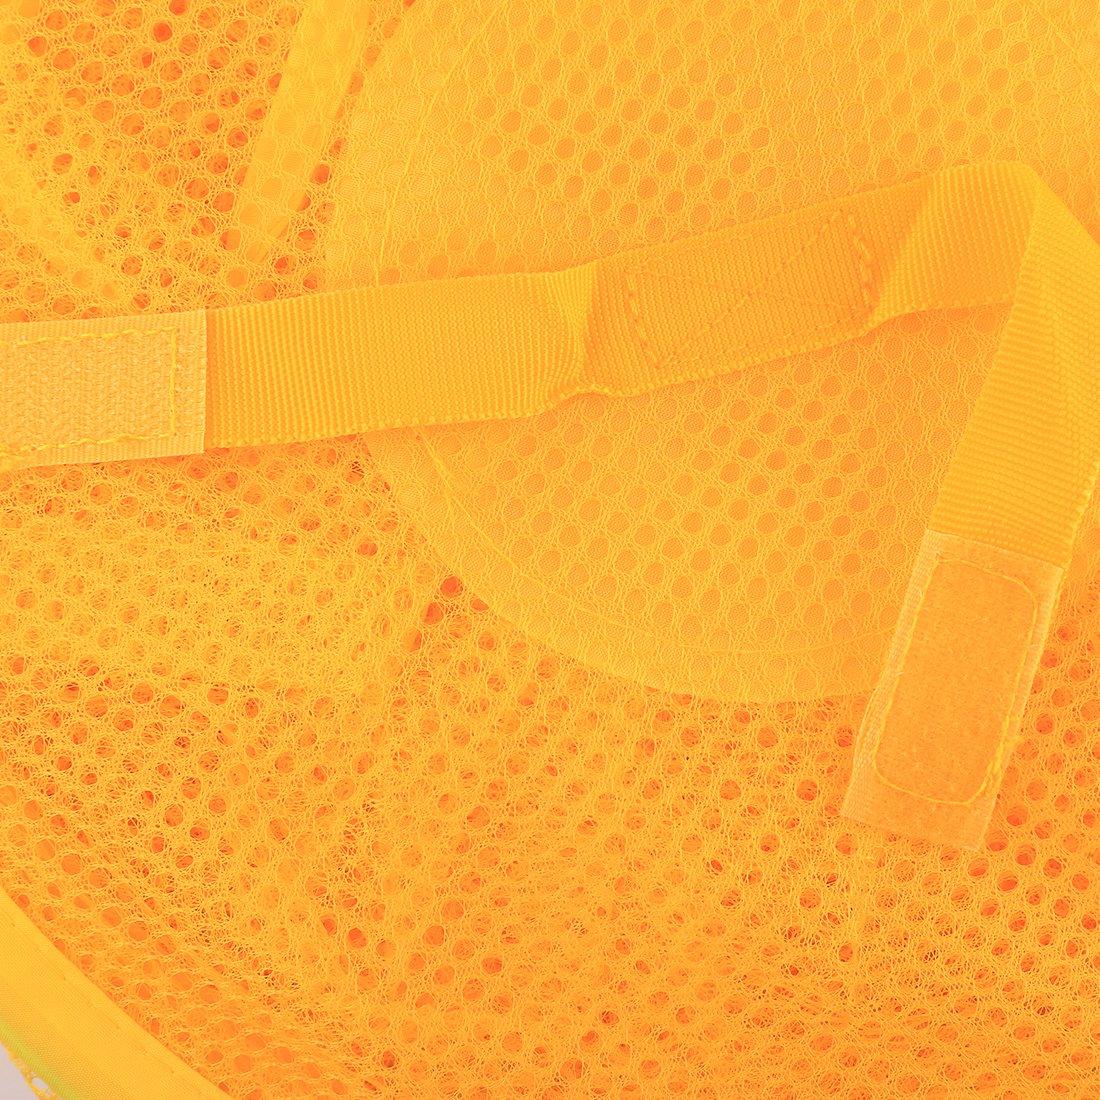 Orsetti 30 * 30 * 110cm Gettesy Toy Storage Net Mesh Toy Amaca portaoggetti Organizer da Appendere con 4/Scomparti per Piccoli Giocattoli di Peluche Peluche Blue